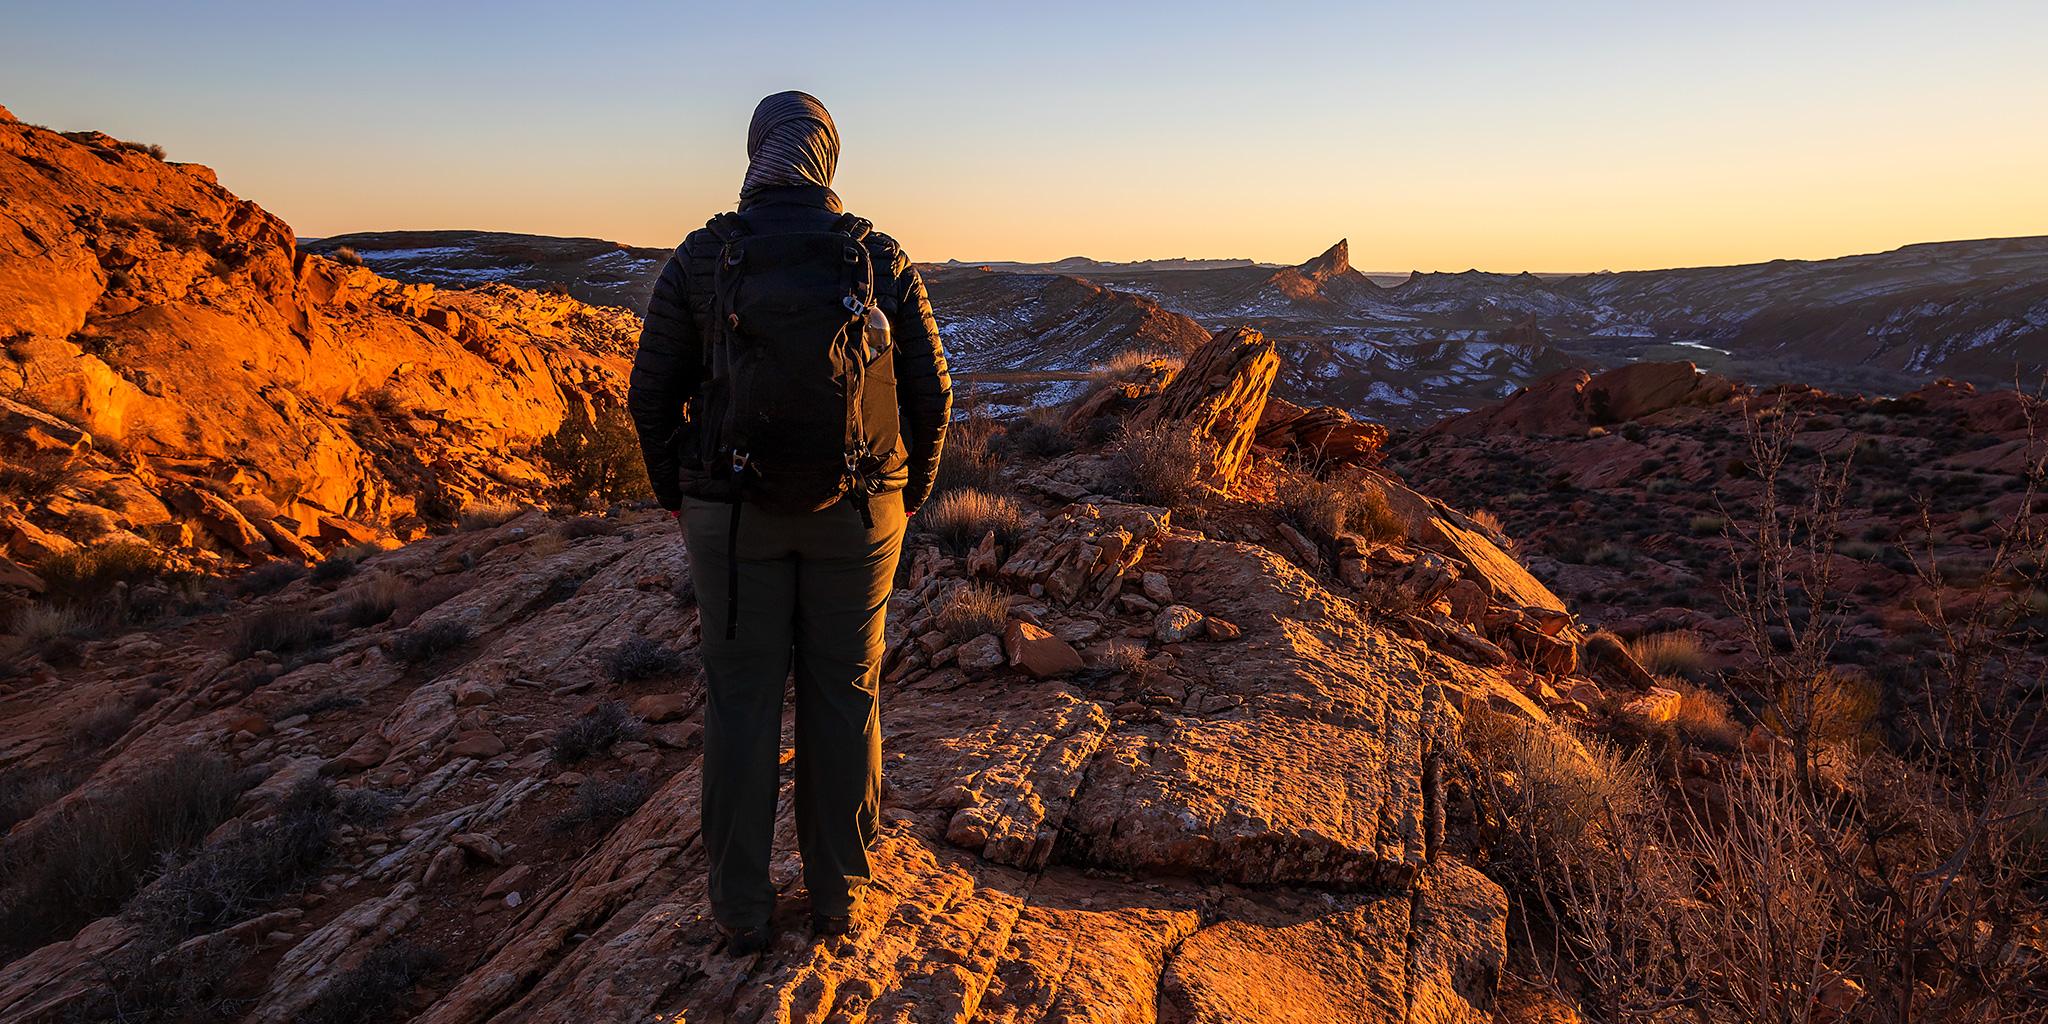 Backbone of the Earth: Comb Ridge